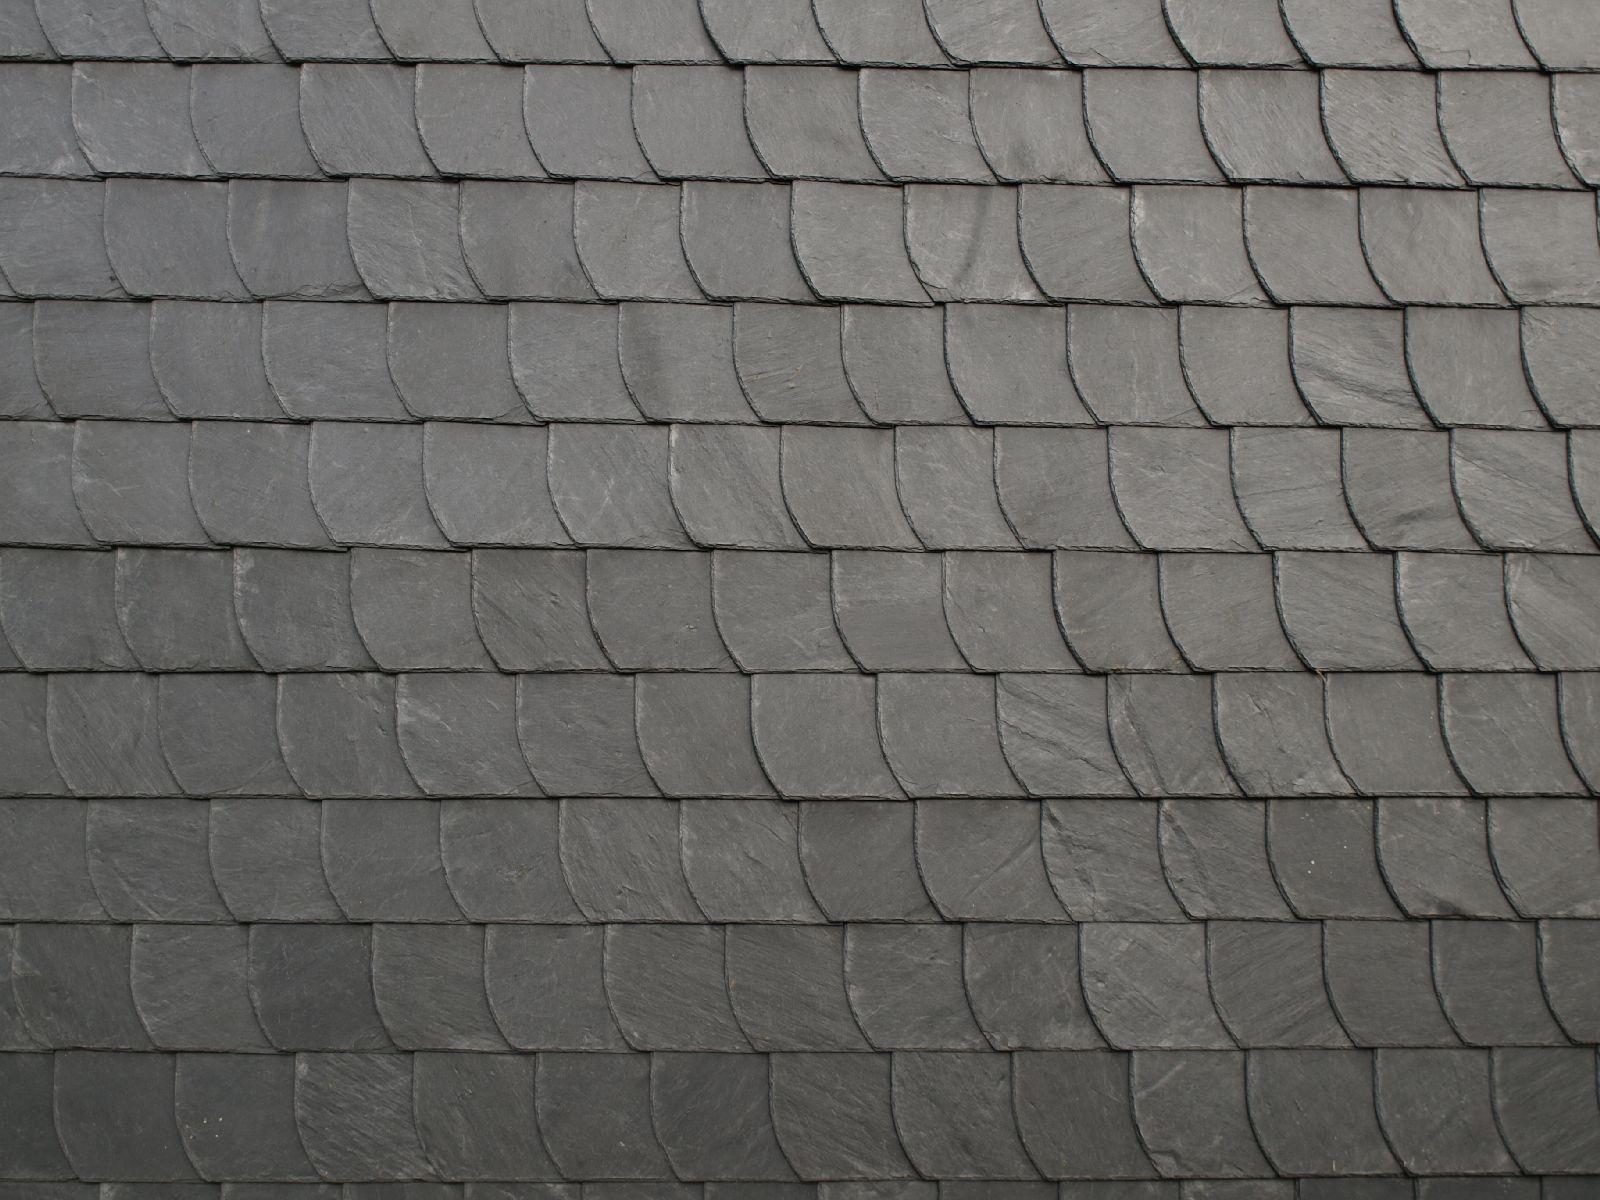 Stone_Texture_A_PA045765